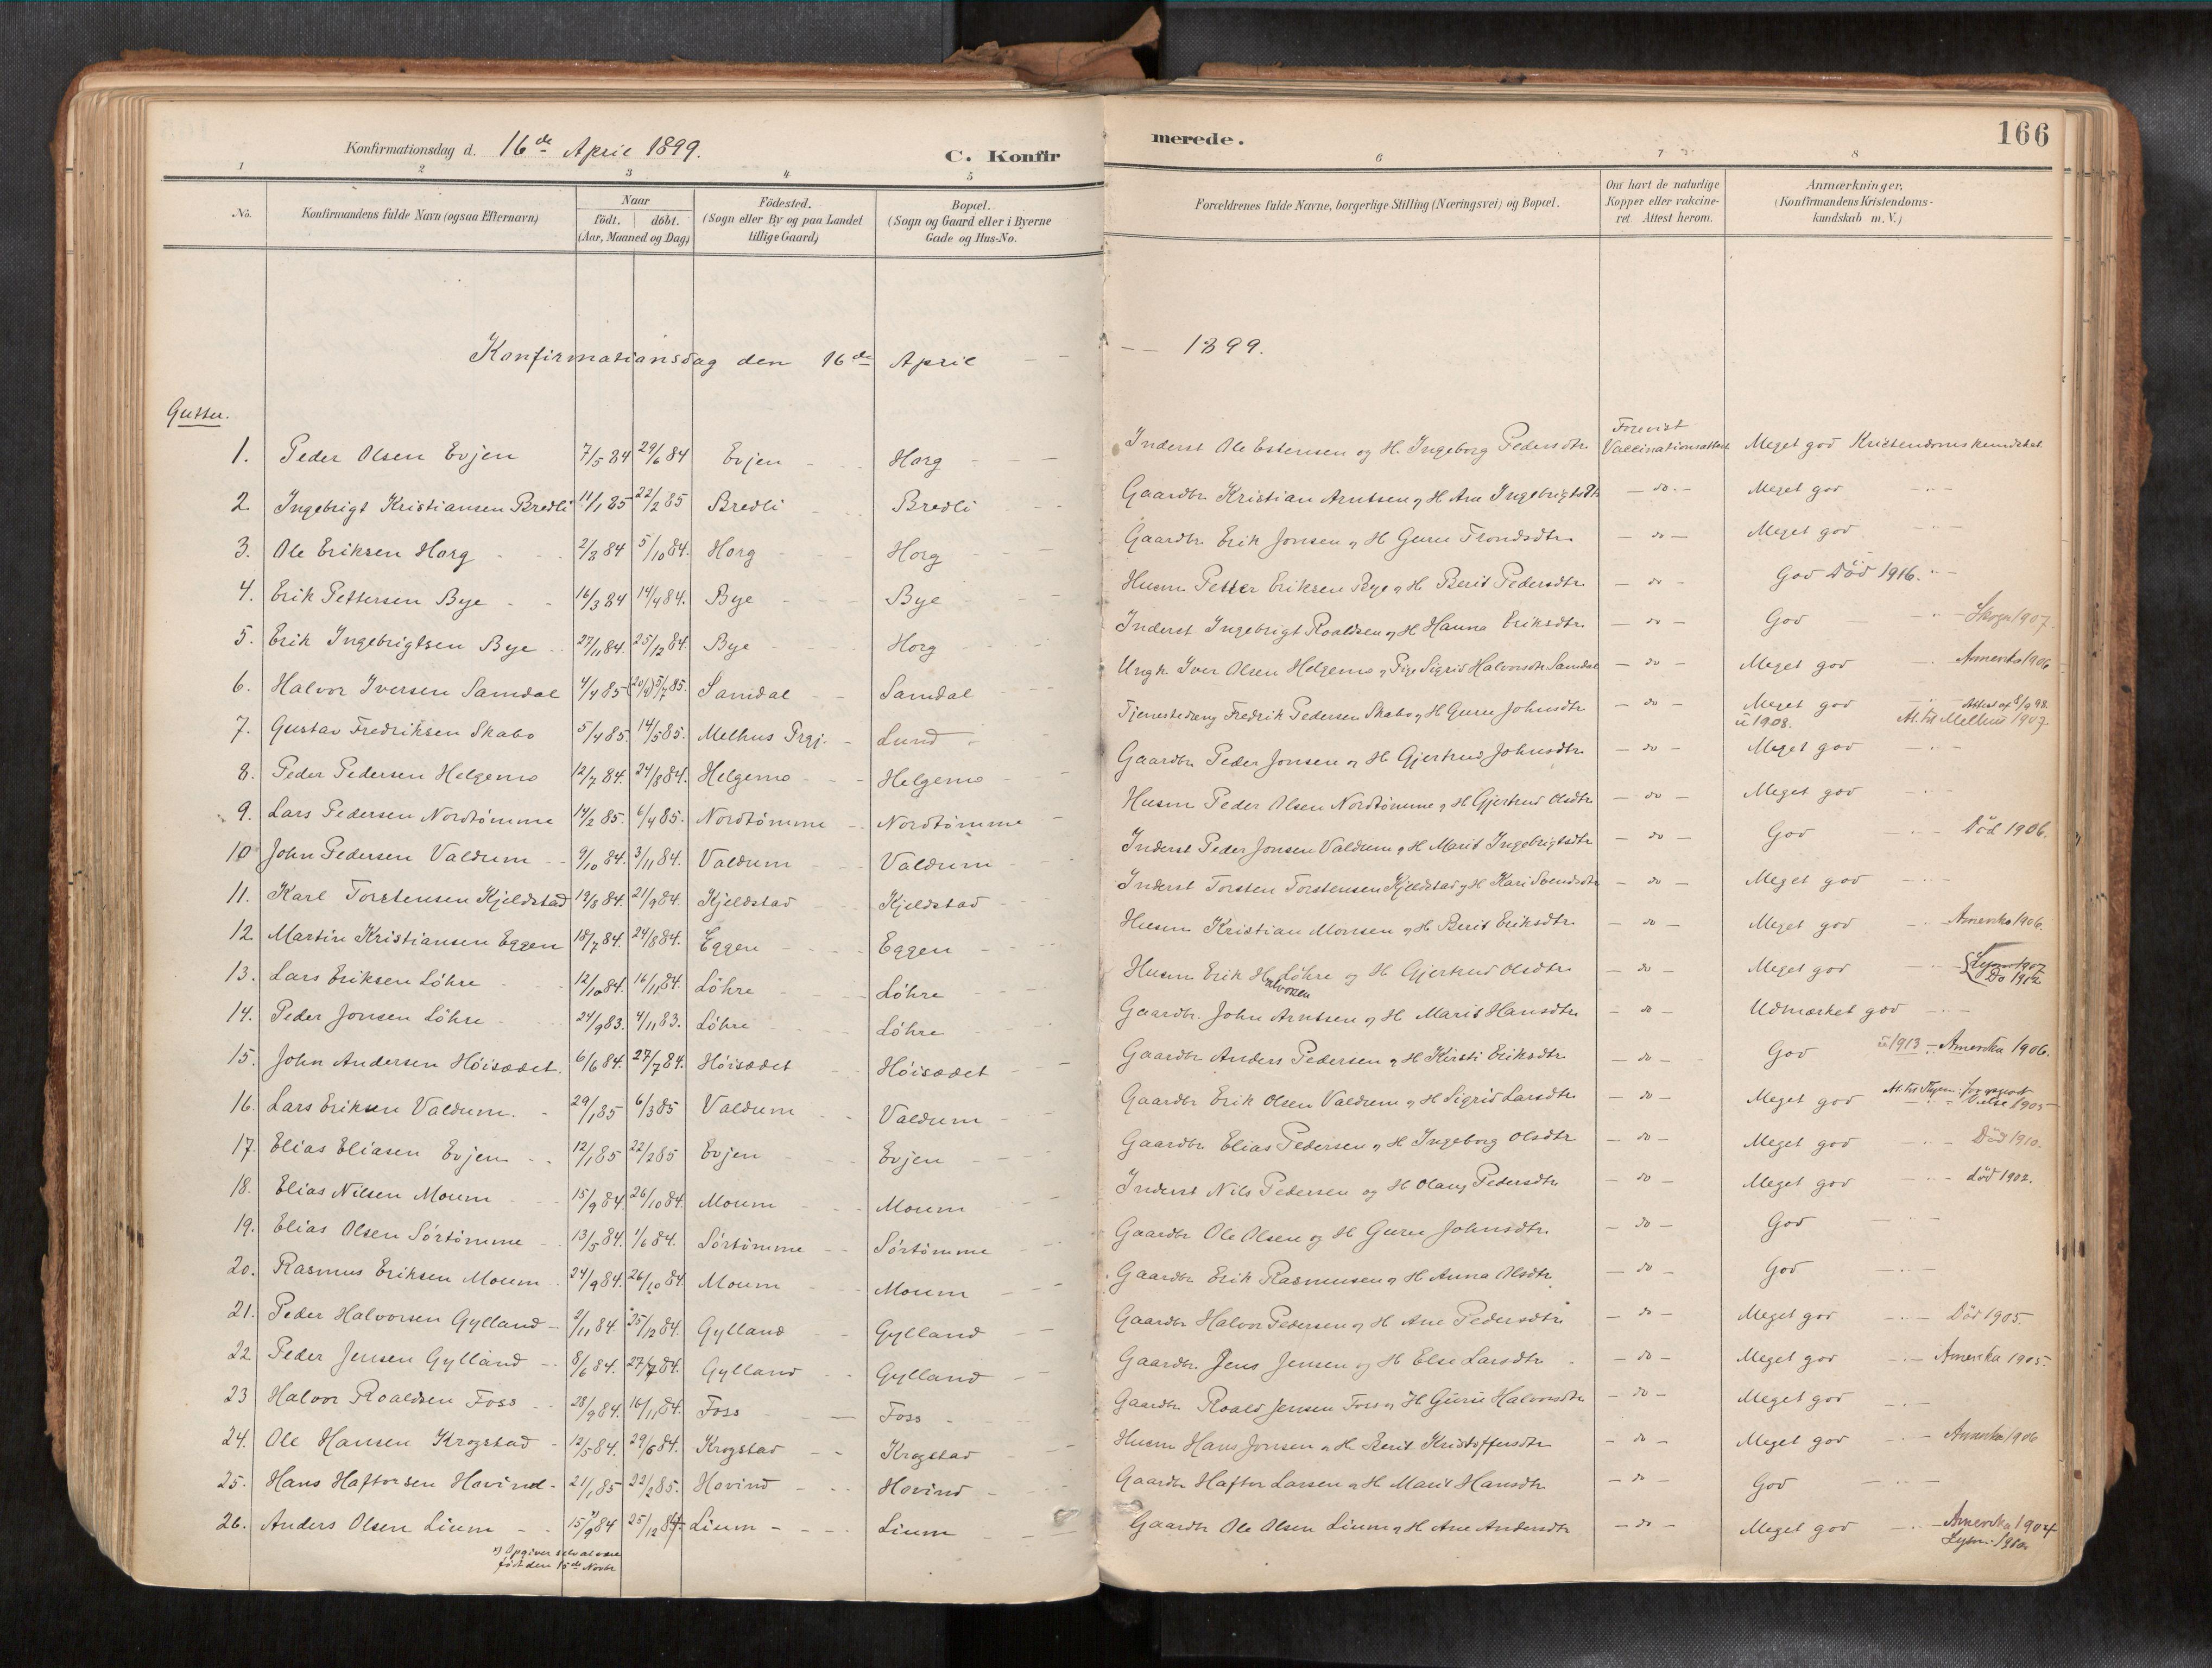 SAT, Ministerialprotokoller, klokkerbøker og fødselsregistre - Sør-Trøndelag, 692/L1105b: Ministerialbok nr. 692A06, 1891-1934, s. 166